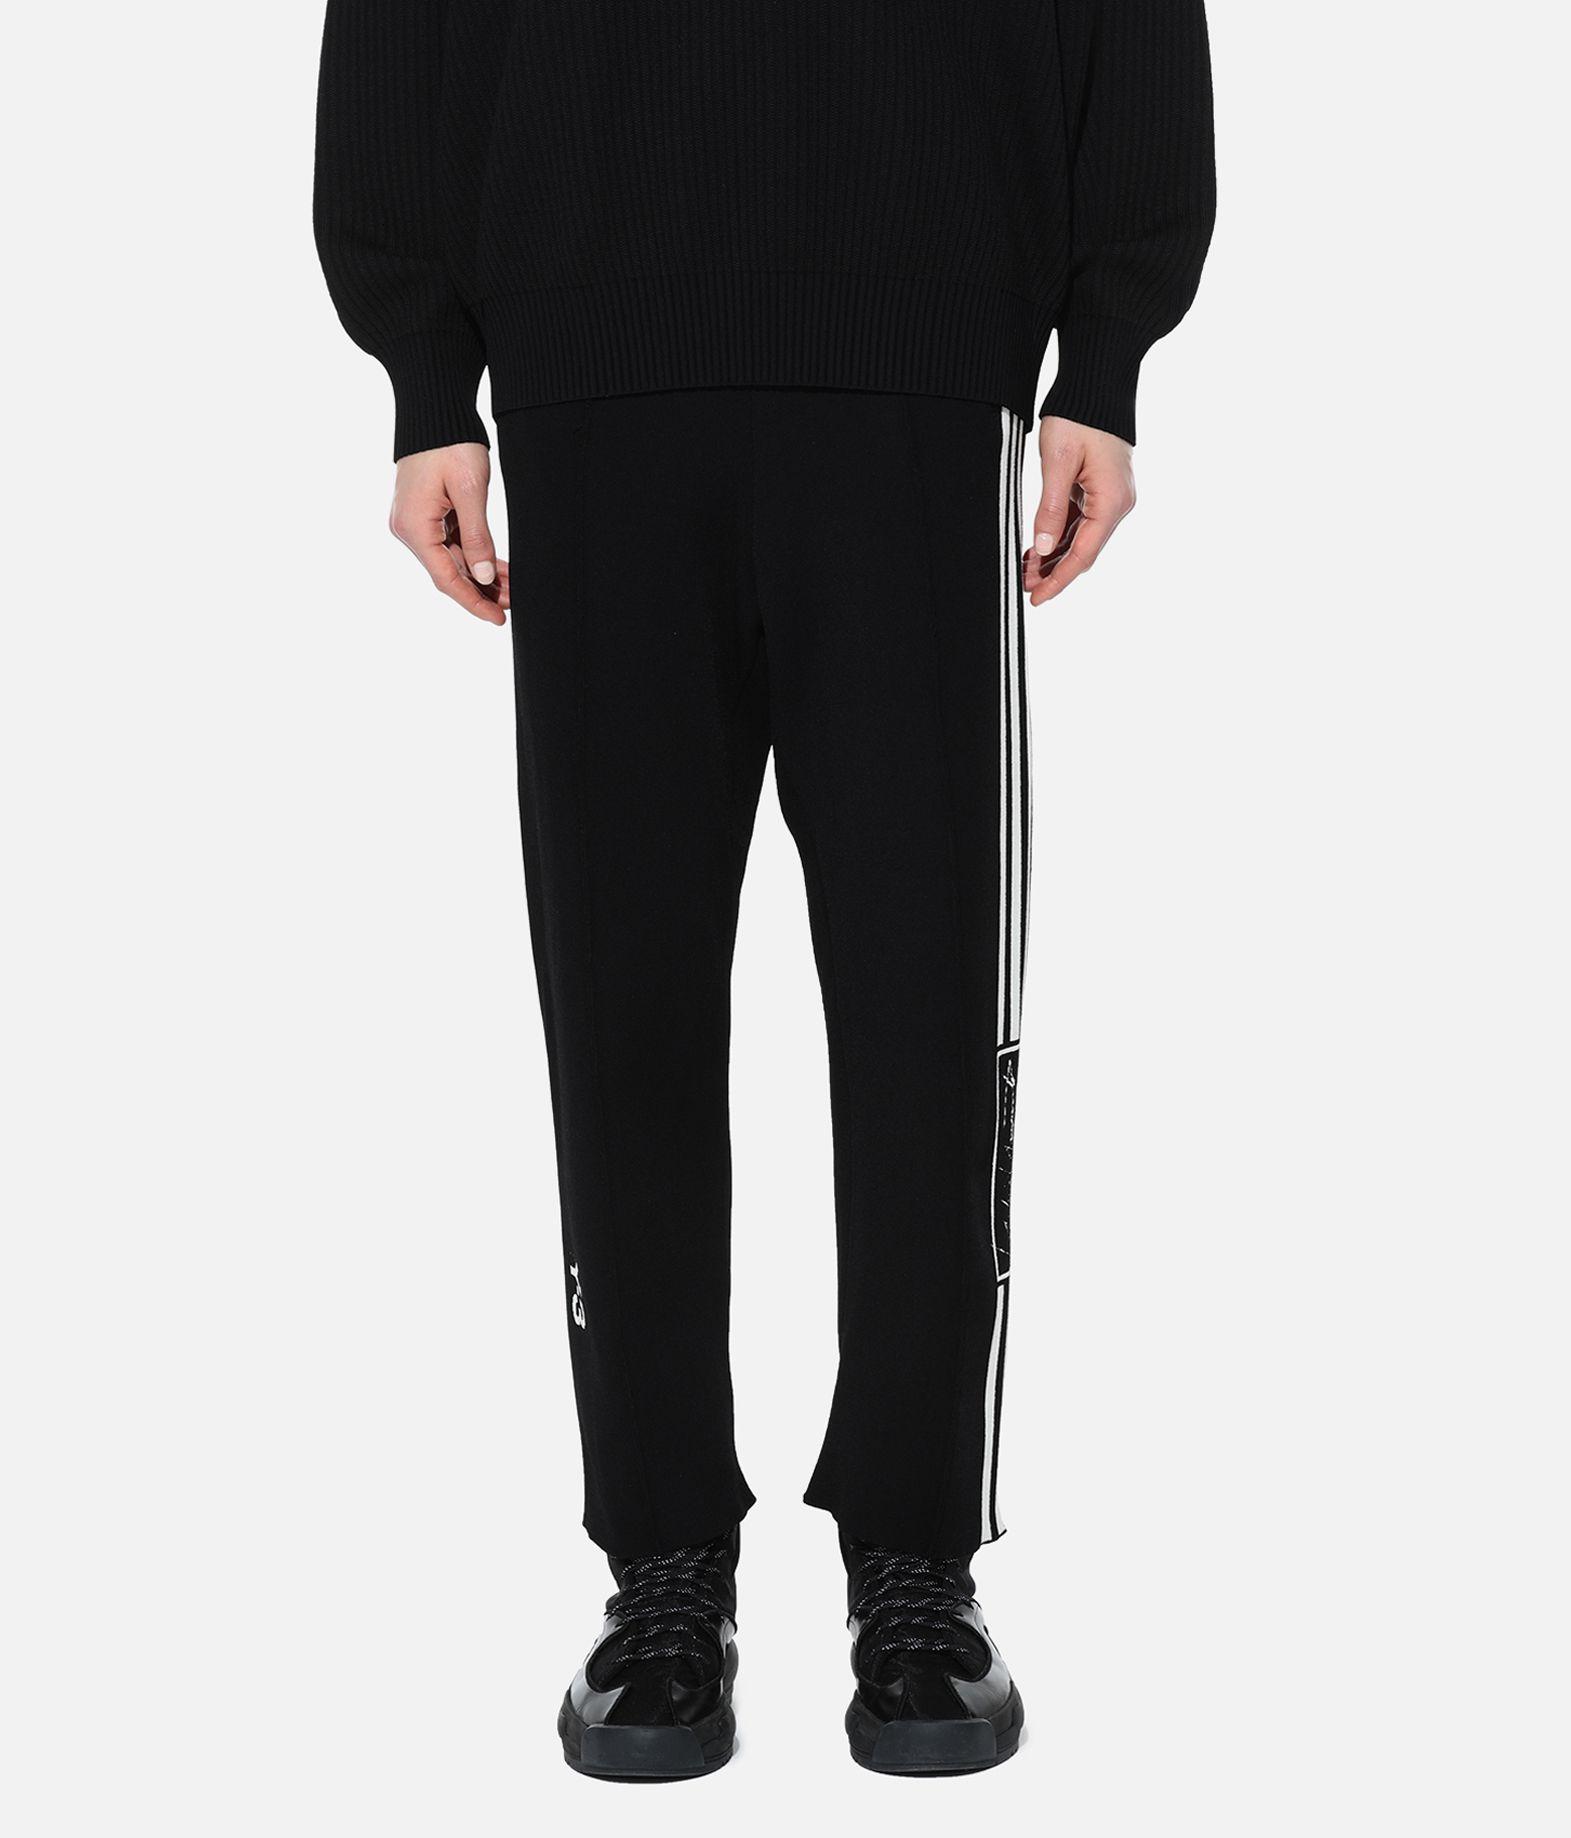 Y-3 Y-3 Tech Knit Wide Pants パンツ レディース r